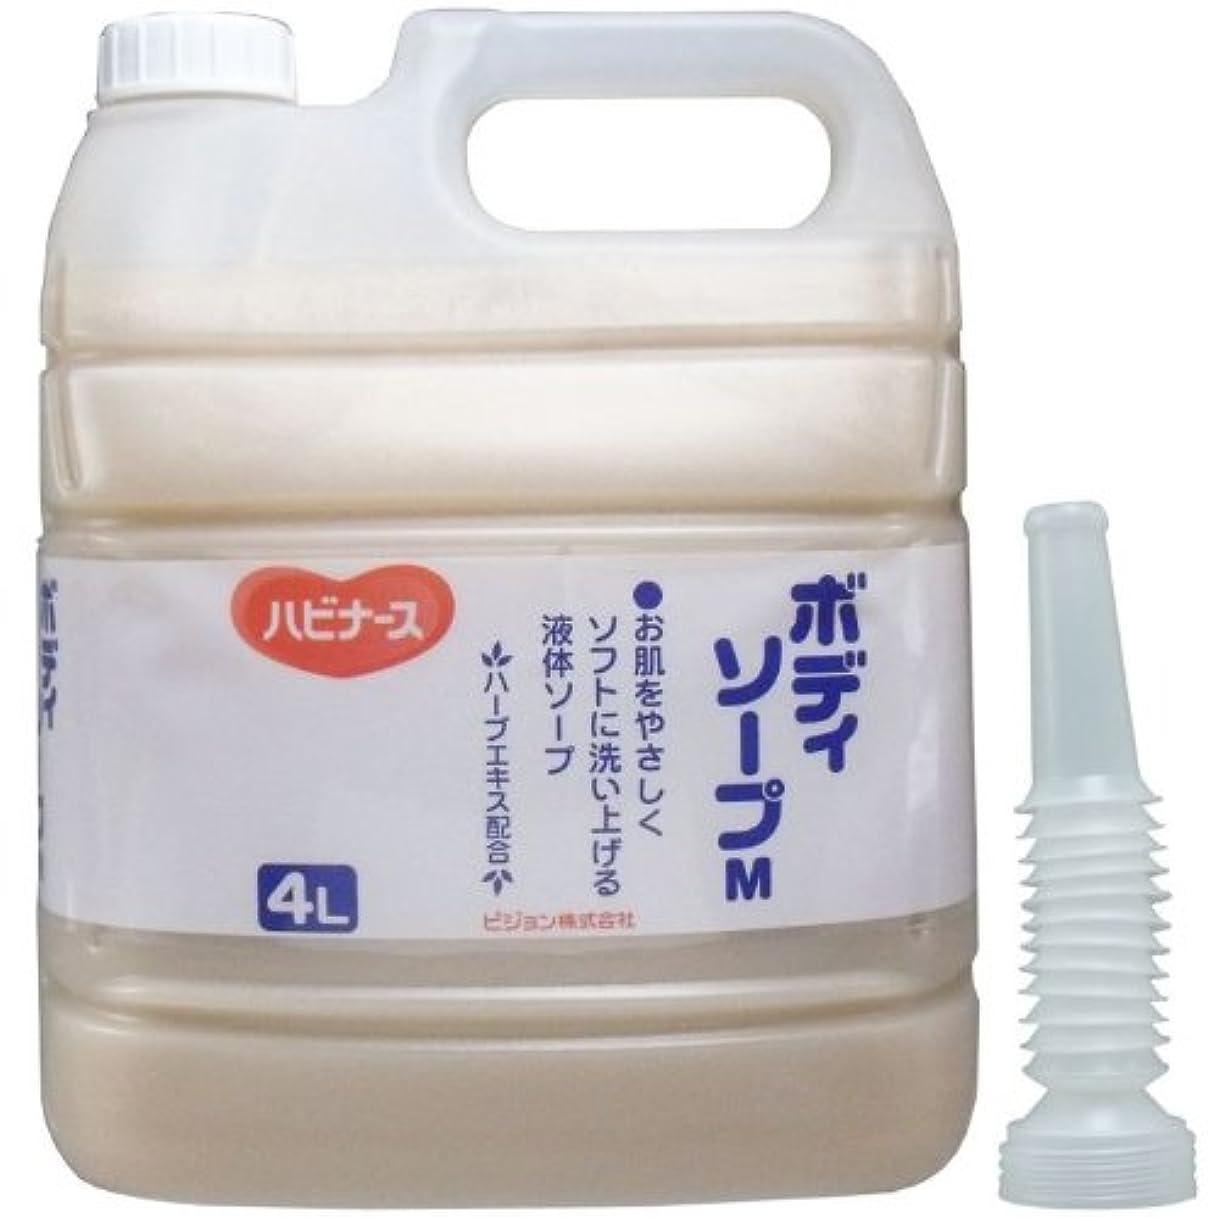 液体ソープ ボディソープ 風呂 石ケン お肌をやさしくソフトに洗い上げる!業務用 4L【3個セット】